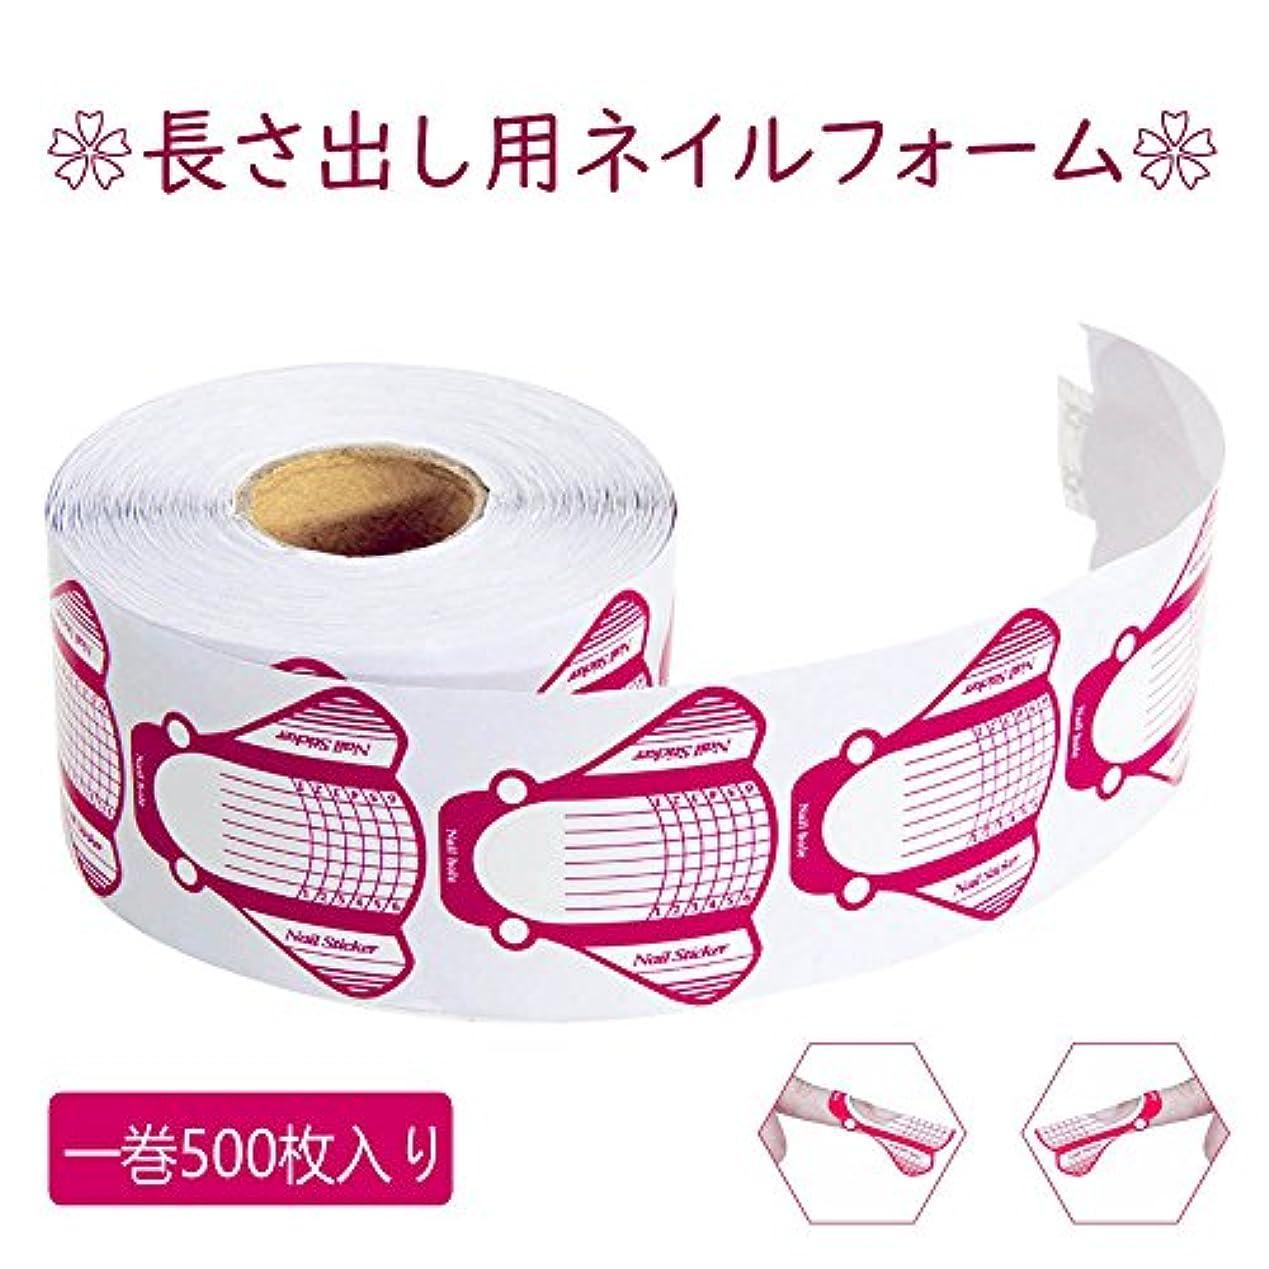 活気づける耐えるシュガースカルプ必要 長さ出し ジェルネイル用 ネイルフォーム 500枚入り ロール 高品質 紙製 バラ色 ネイル フォーム スカルプチュア ネイルアート 道具